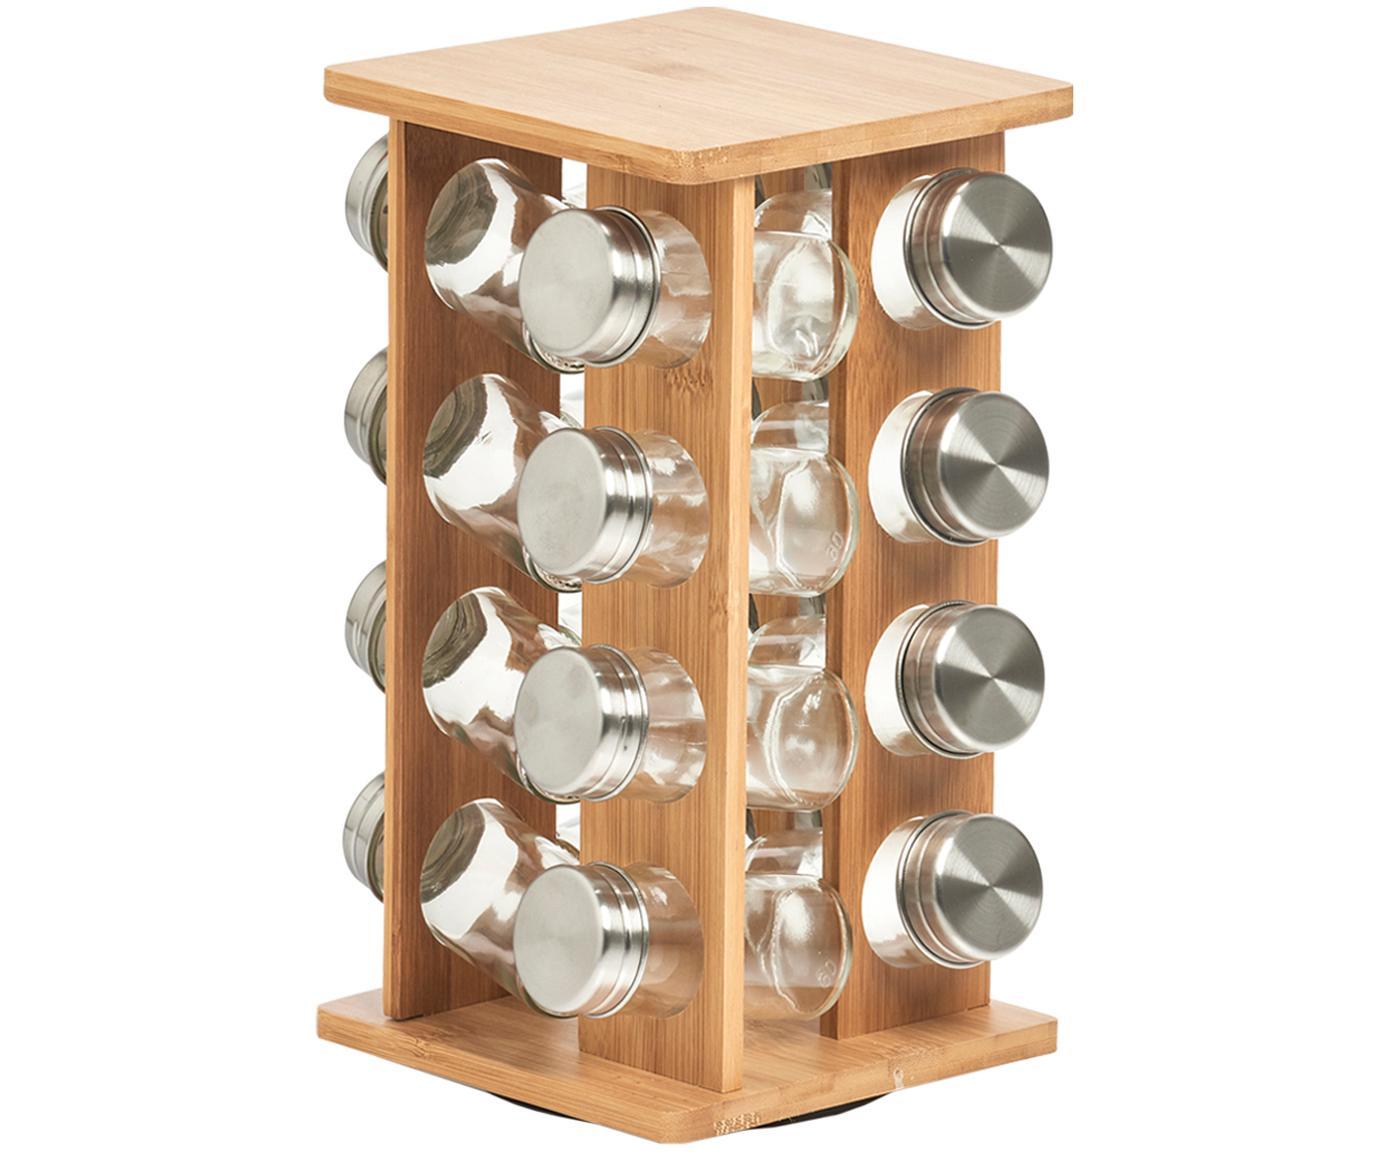 Stojak na przyprawy z drewna bambusowego Dahle, 17 elem., Drewno bambusowe, transparentny, odcienie srebrnego, S 18 x W 30 cm